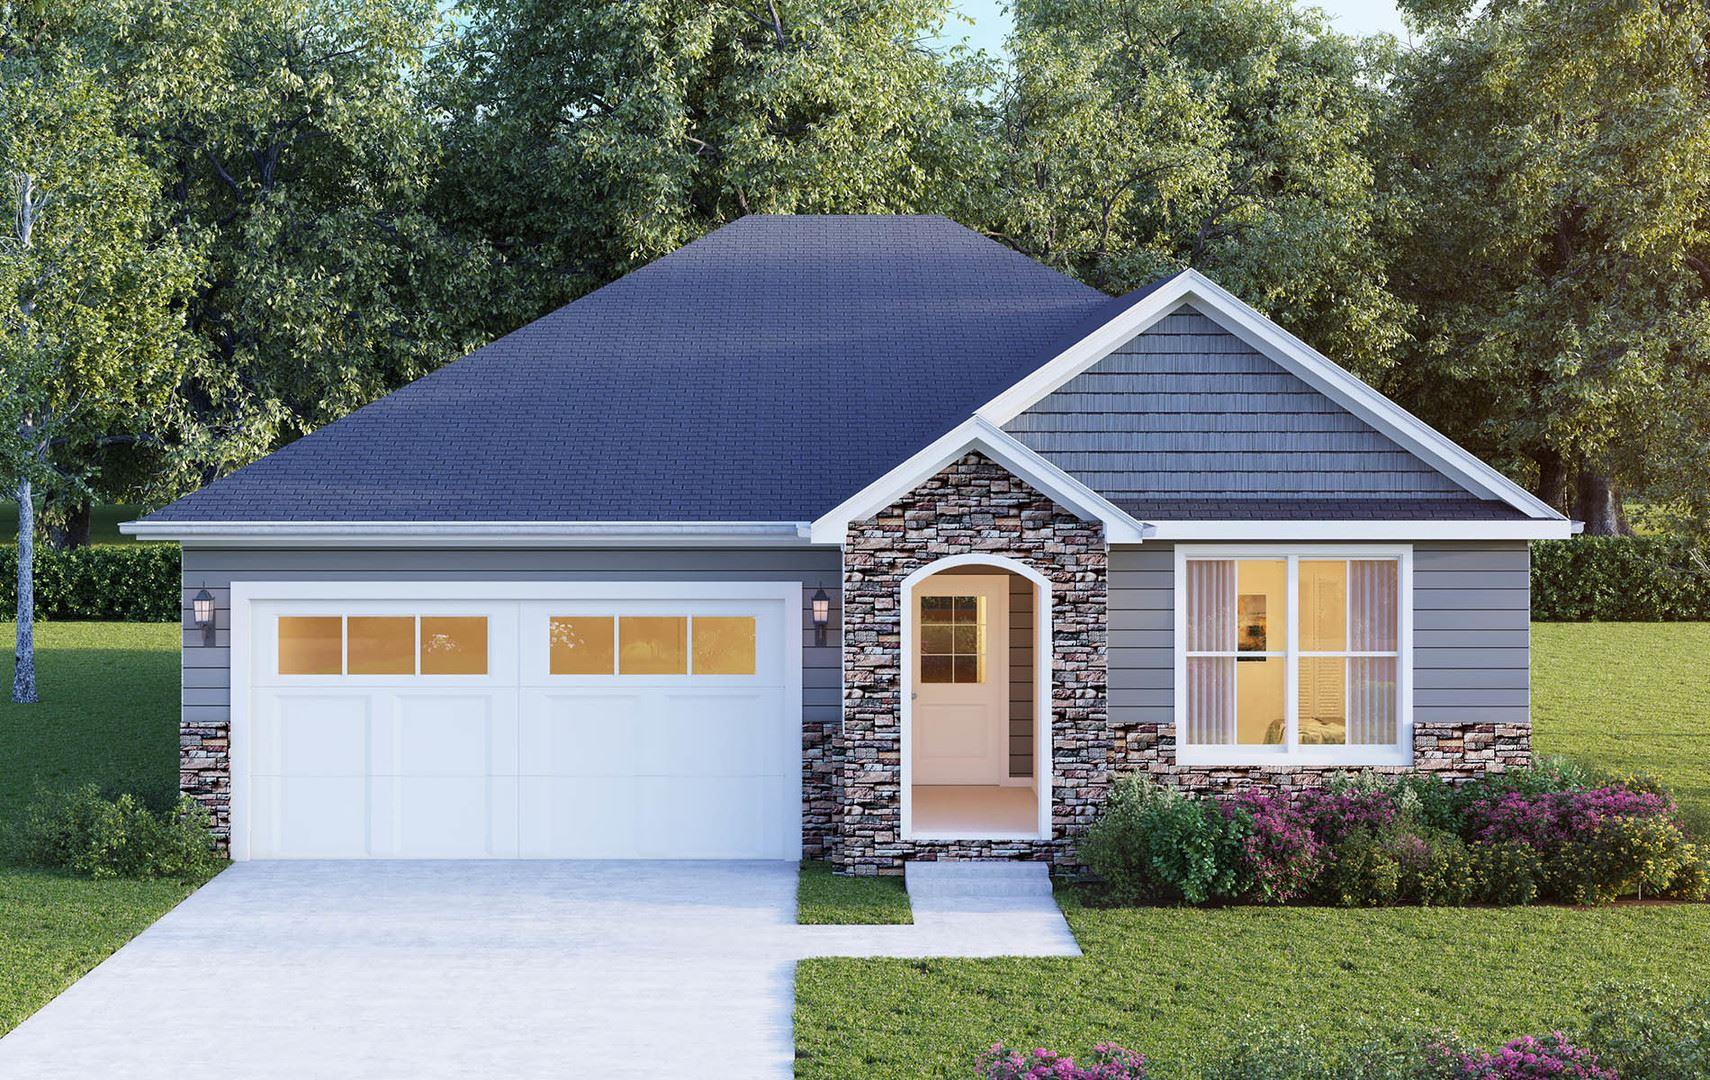 Photo of 1602 Moran Drive, Shorewood, IL 60404 (MLS # 10923403)